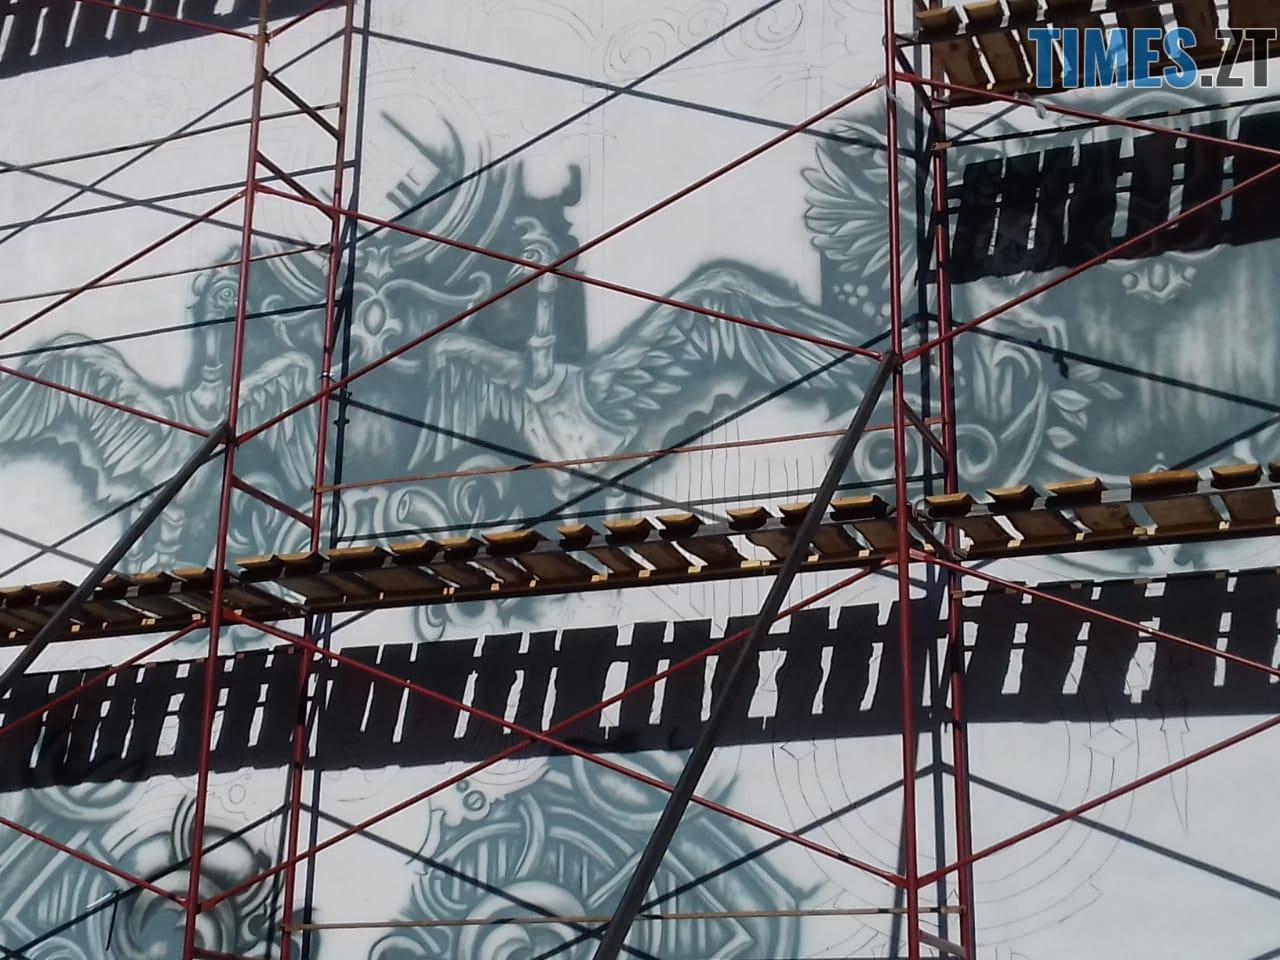 WhatsApp Image 2018 09 24 at 17.49.42 - За місяць у Житомирі з'явиться найбільший мурал міста (ФОТО, ВІДЕО)